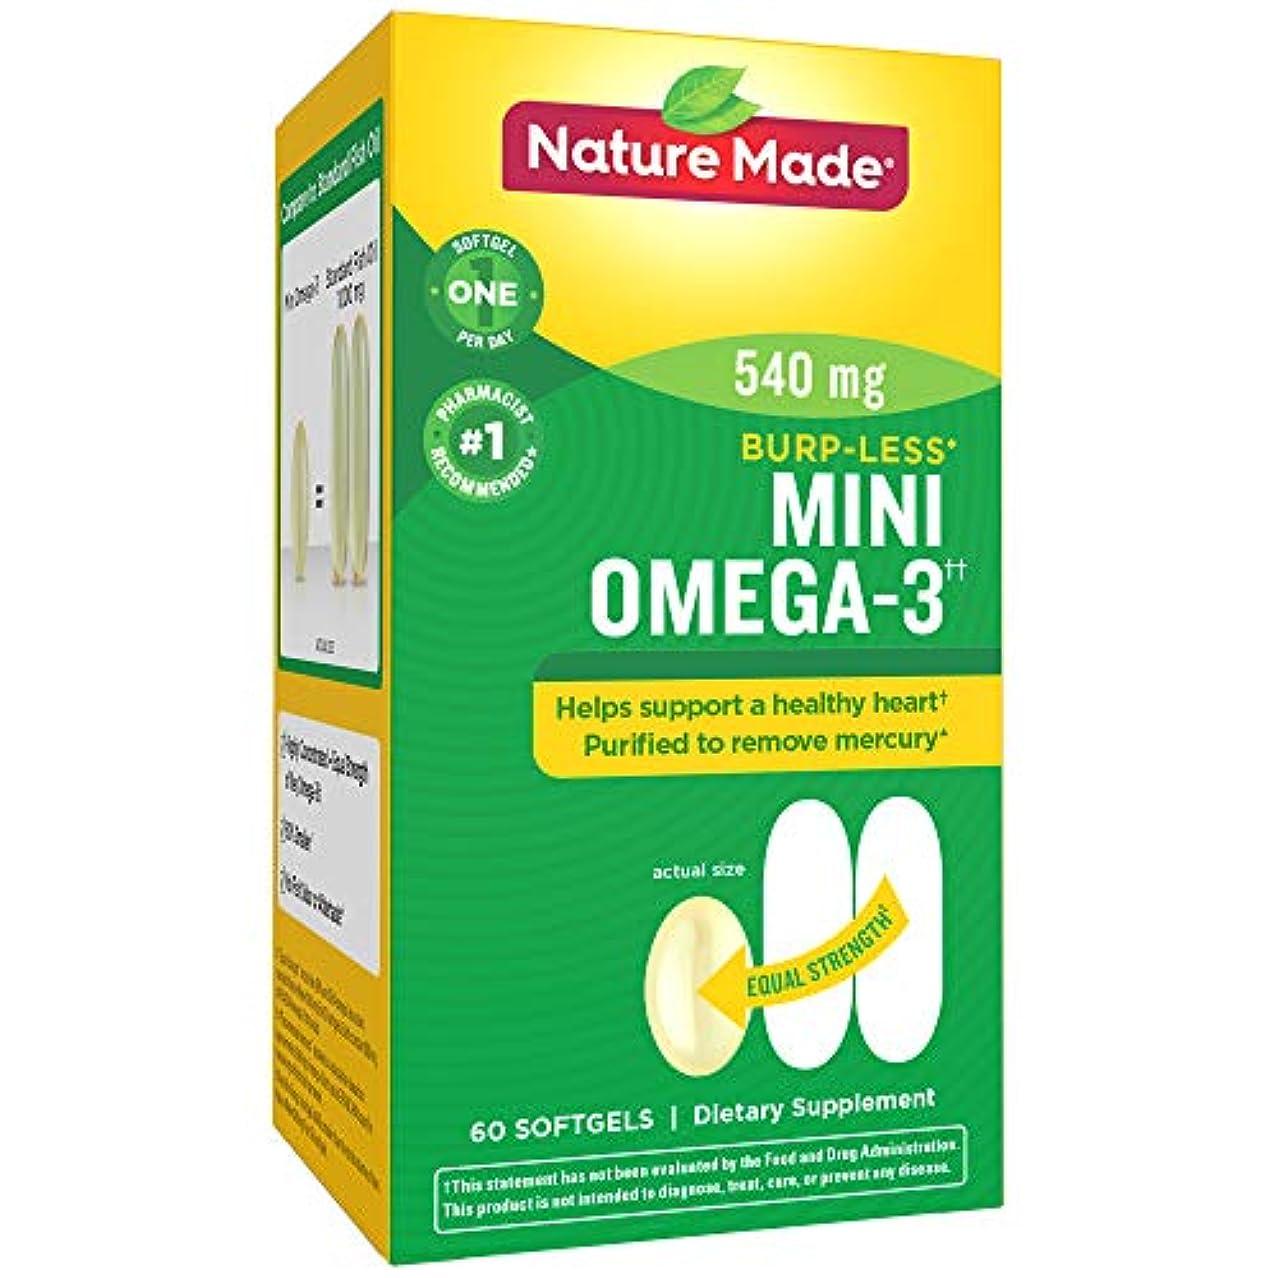 スリットデモンストレーション拡散するNature Made Super Omega-3 Fish Oil Full Strength Softgels, Mini, 60 Count 海外直送品